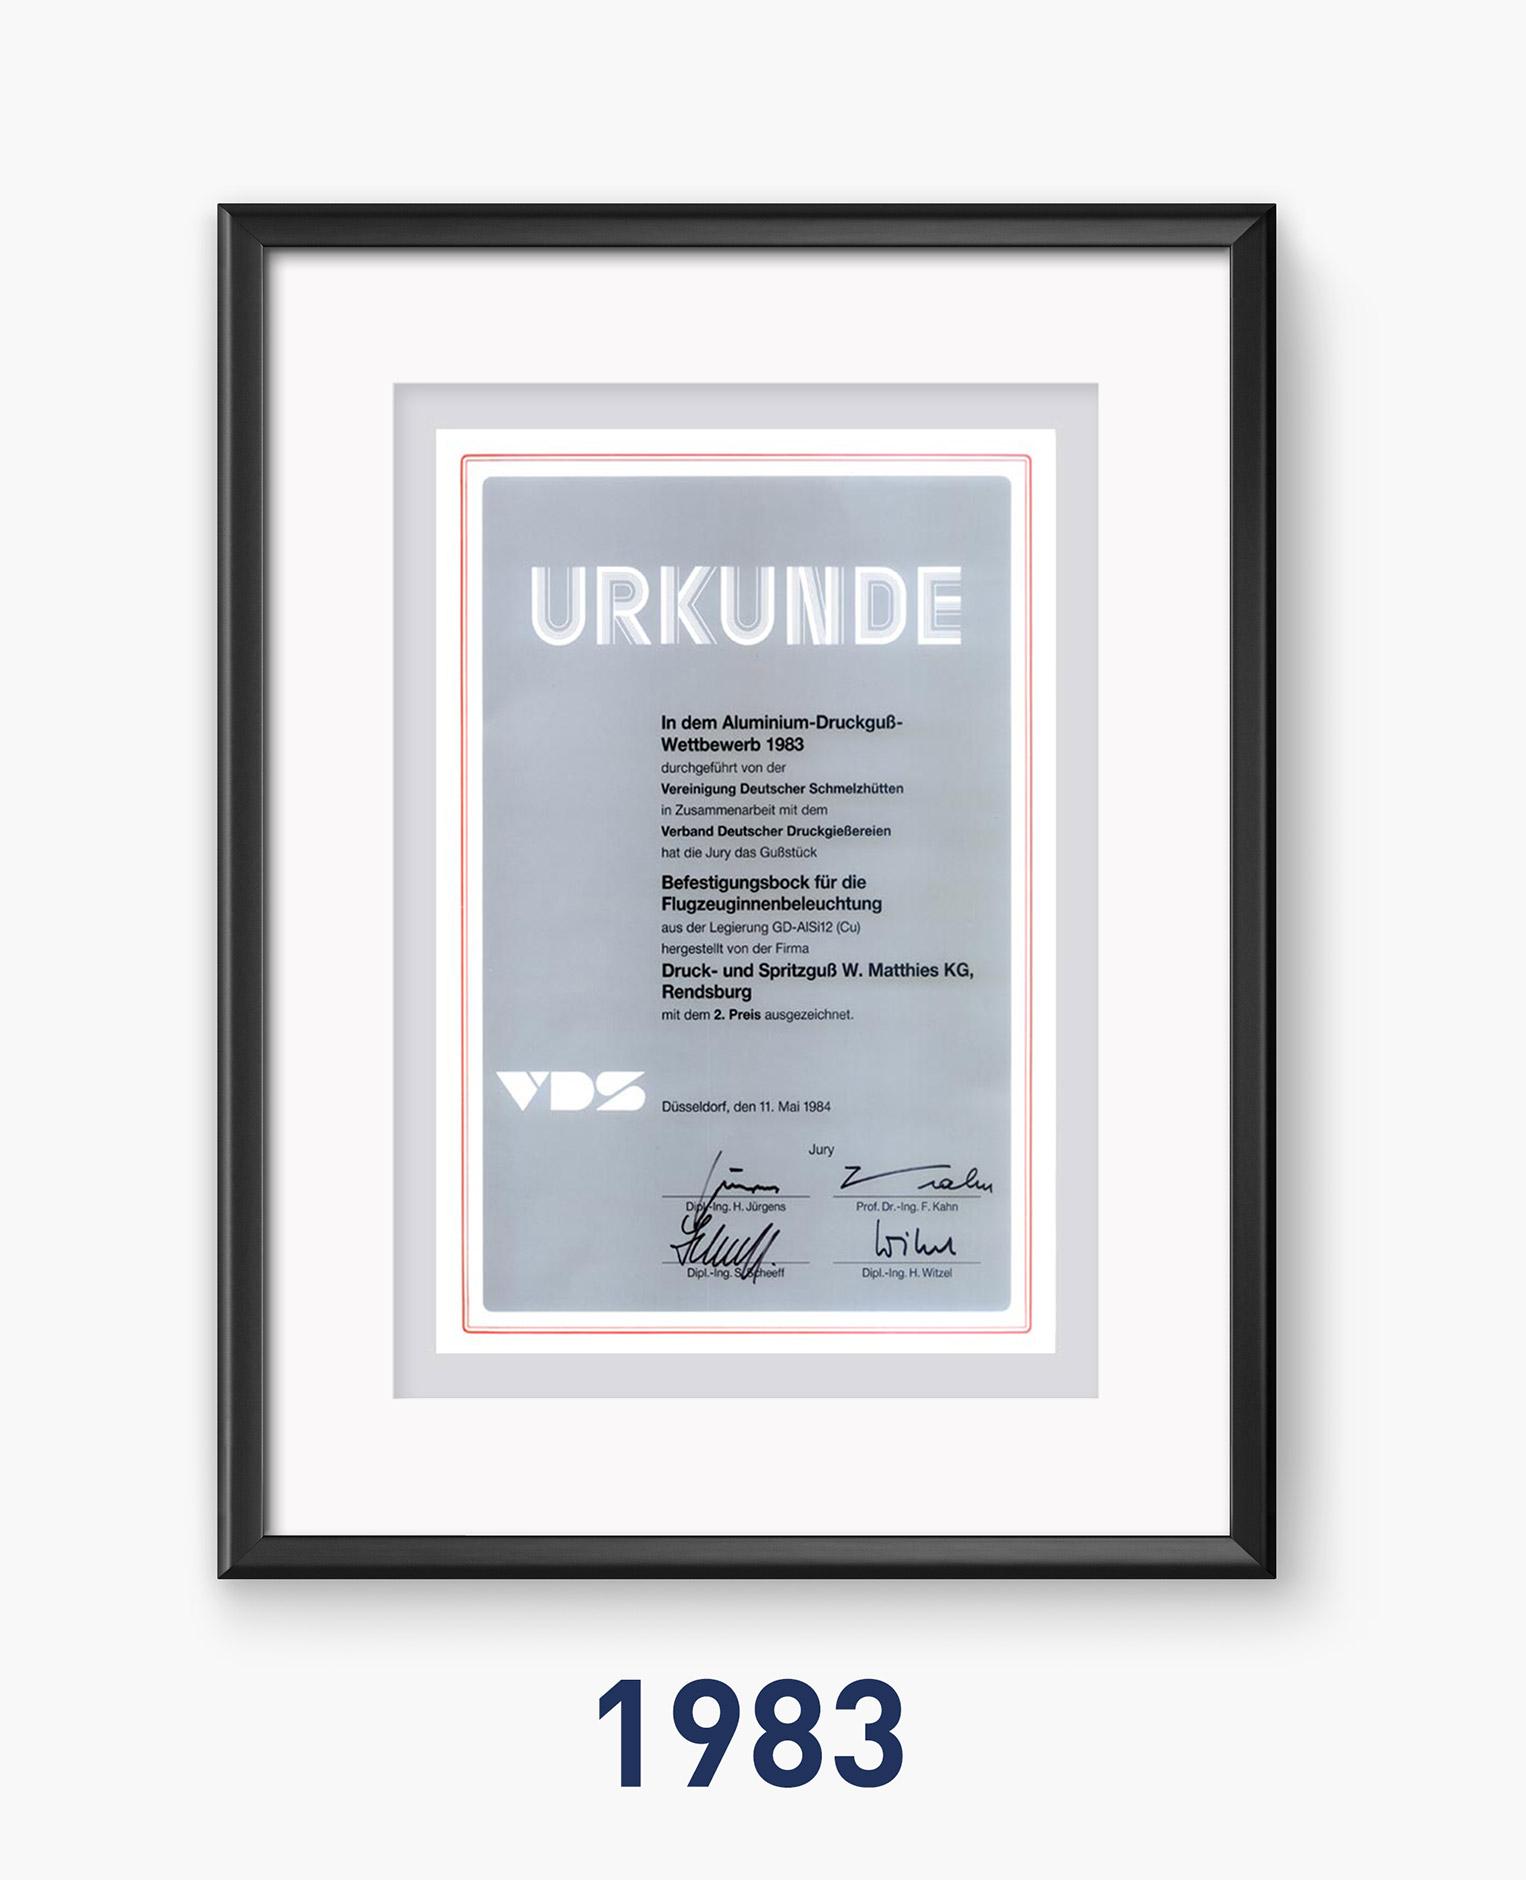 1983 - Qualität